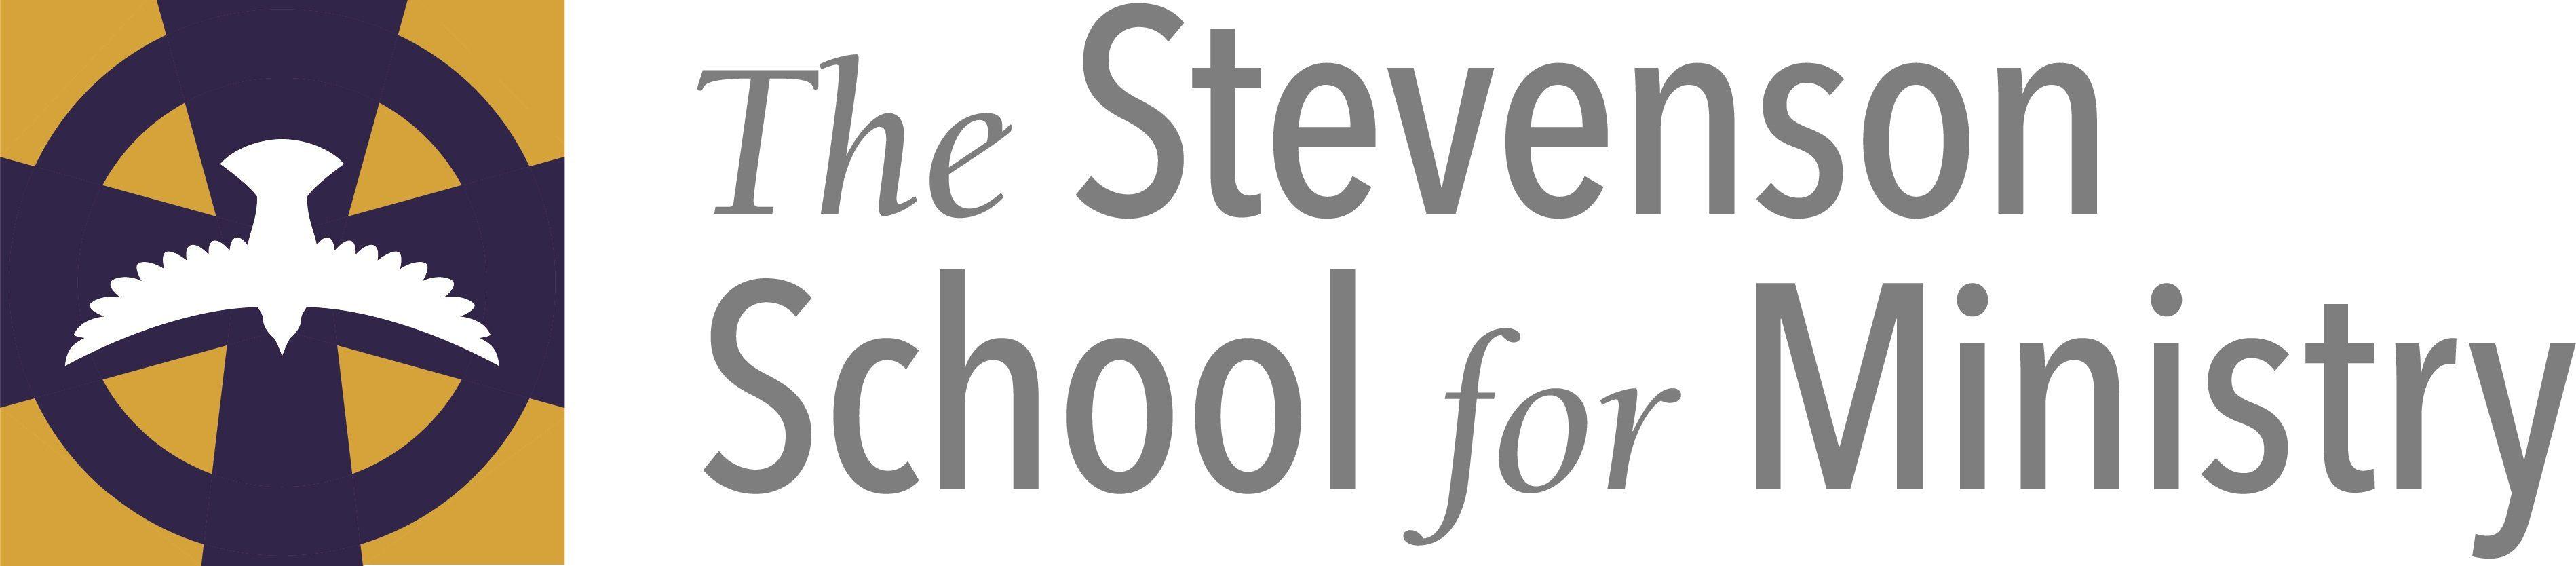 The Stevenson School for Ministry